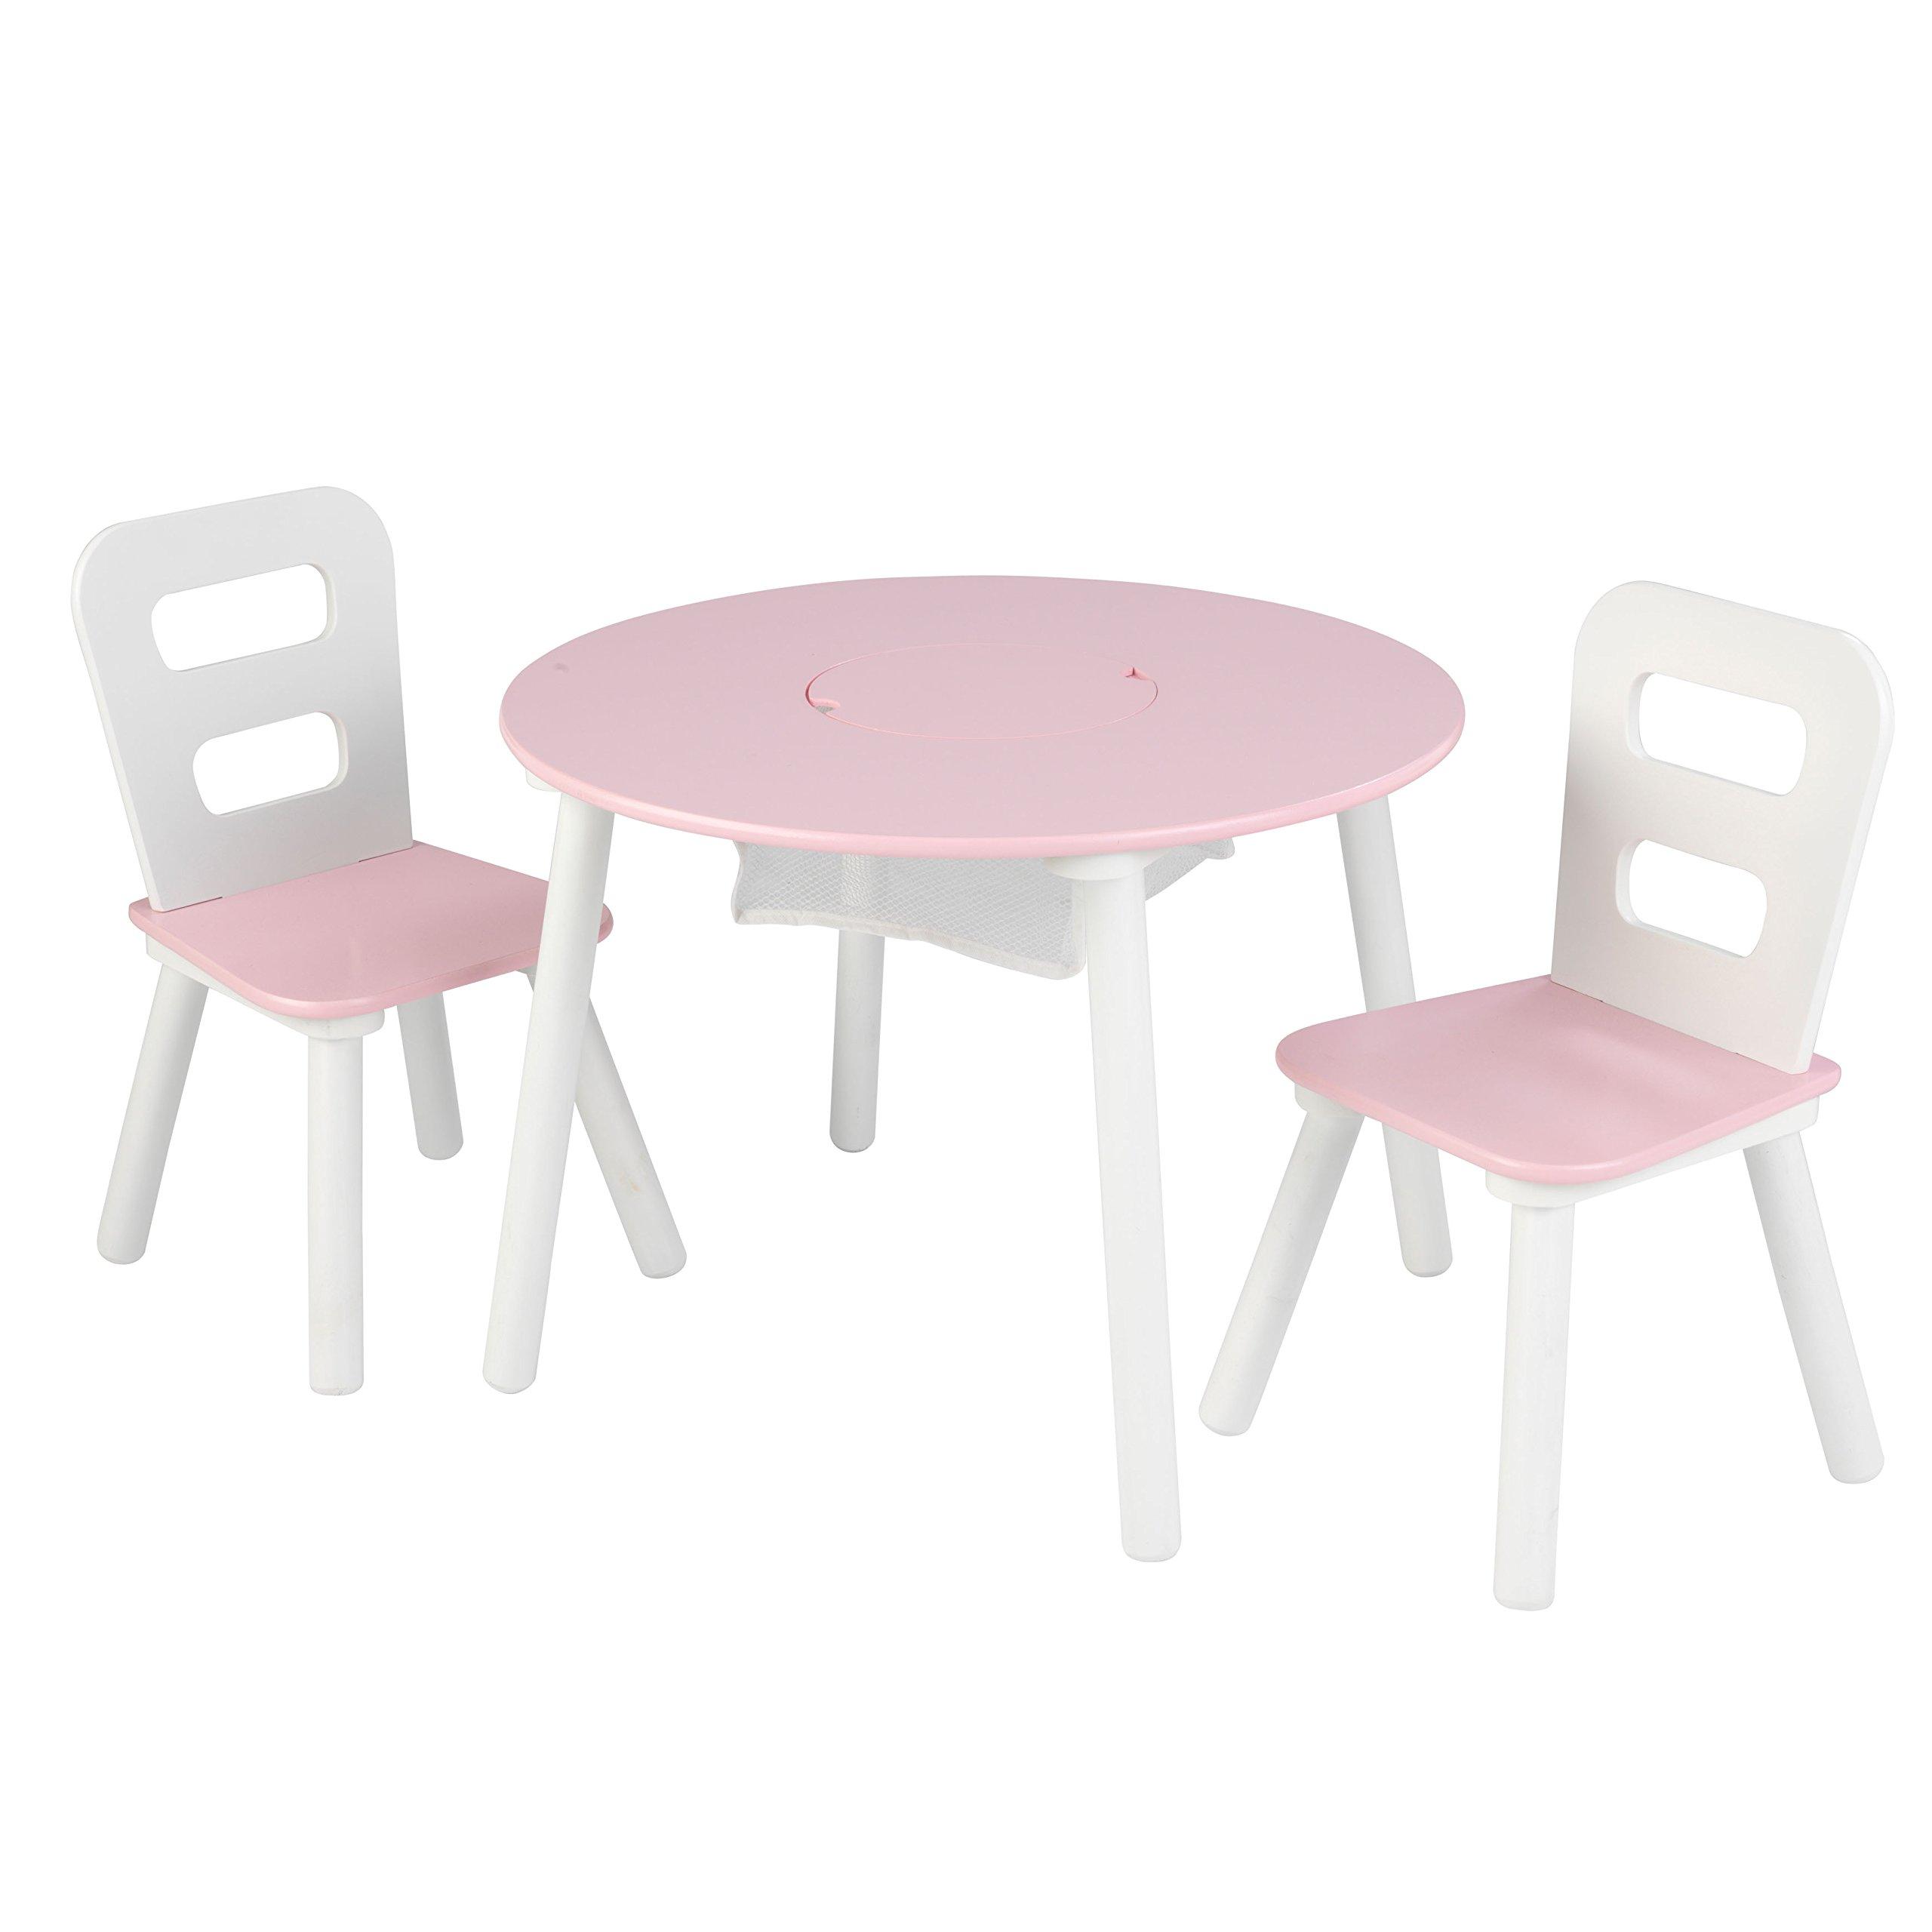 KidKraft 26165 Set Tavolo Rotondo con 2 Sedie in Legno, Mobili per Camera  da Letto e Sala Giochi per Bambini - Rosa e Bianco - Giochi Legno